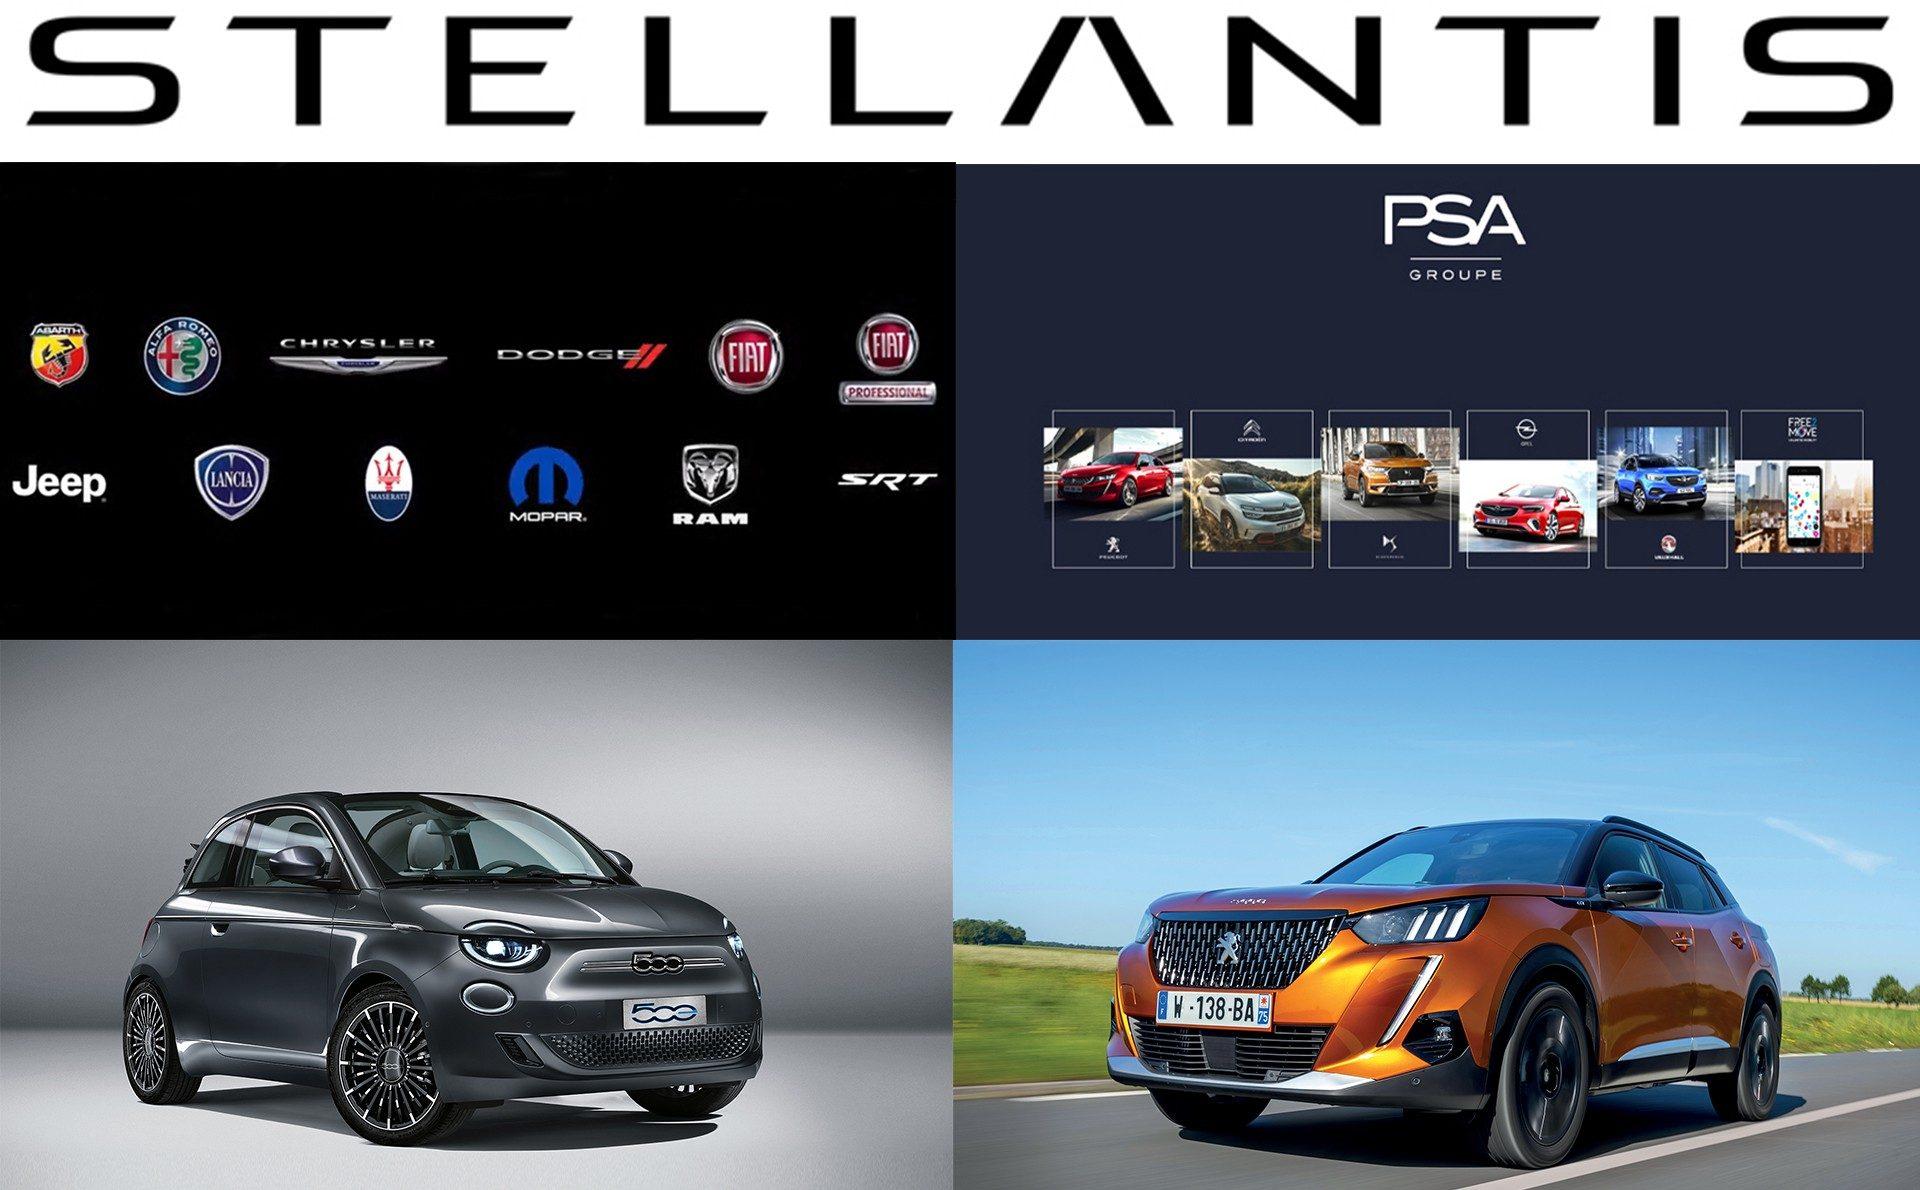 Les actionnaires de PSA valident la fusion avec FCA dans Stellantis